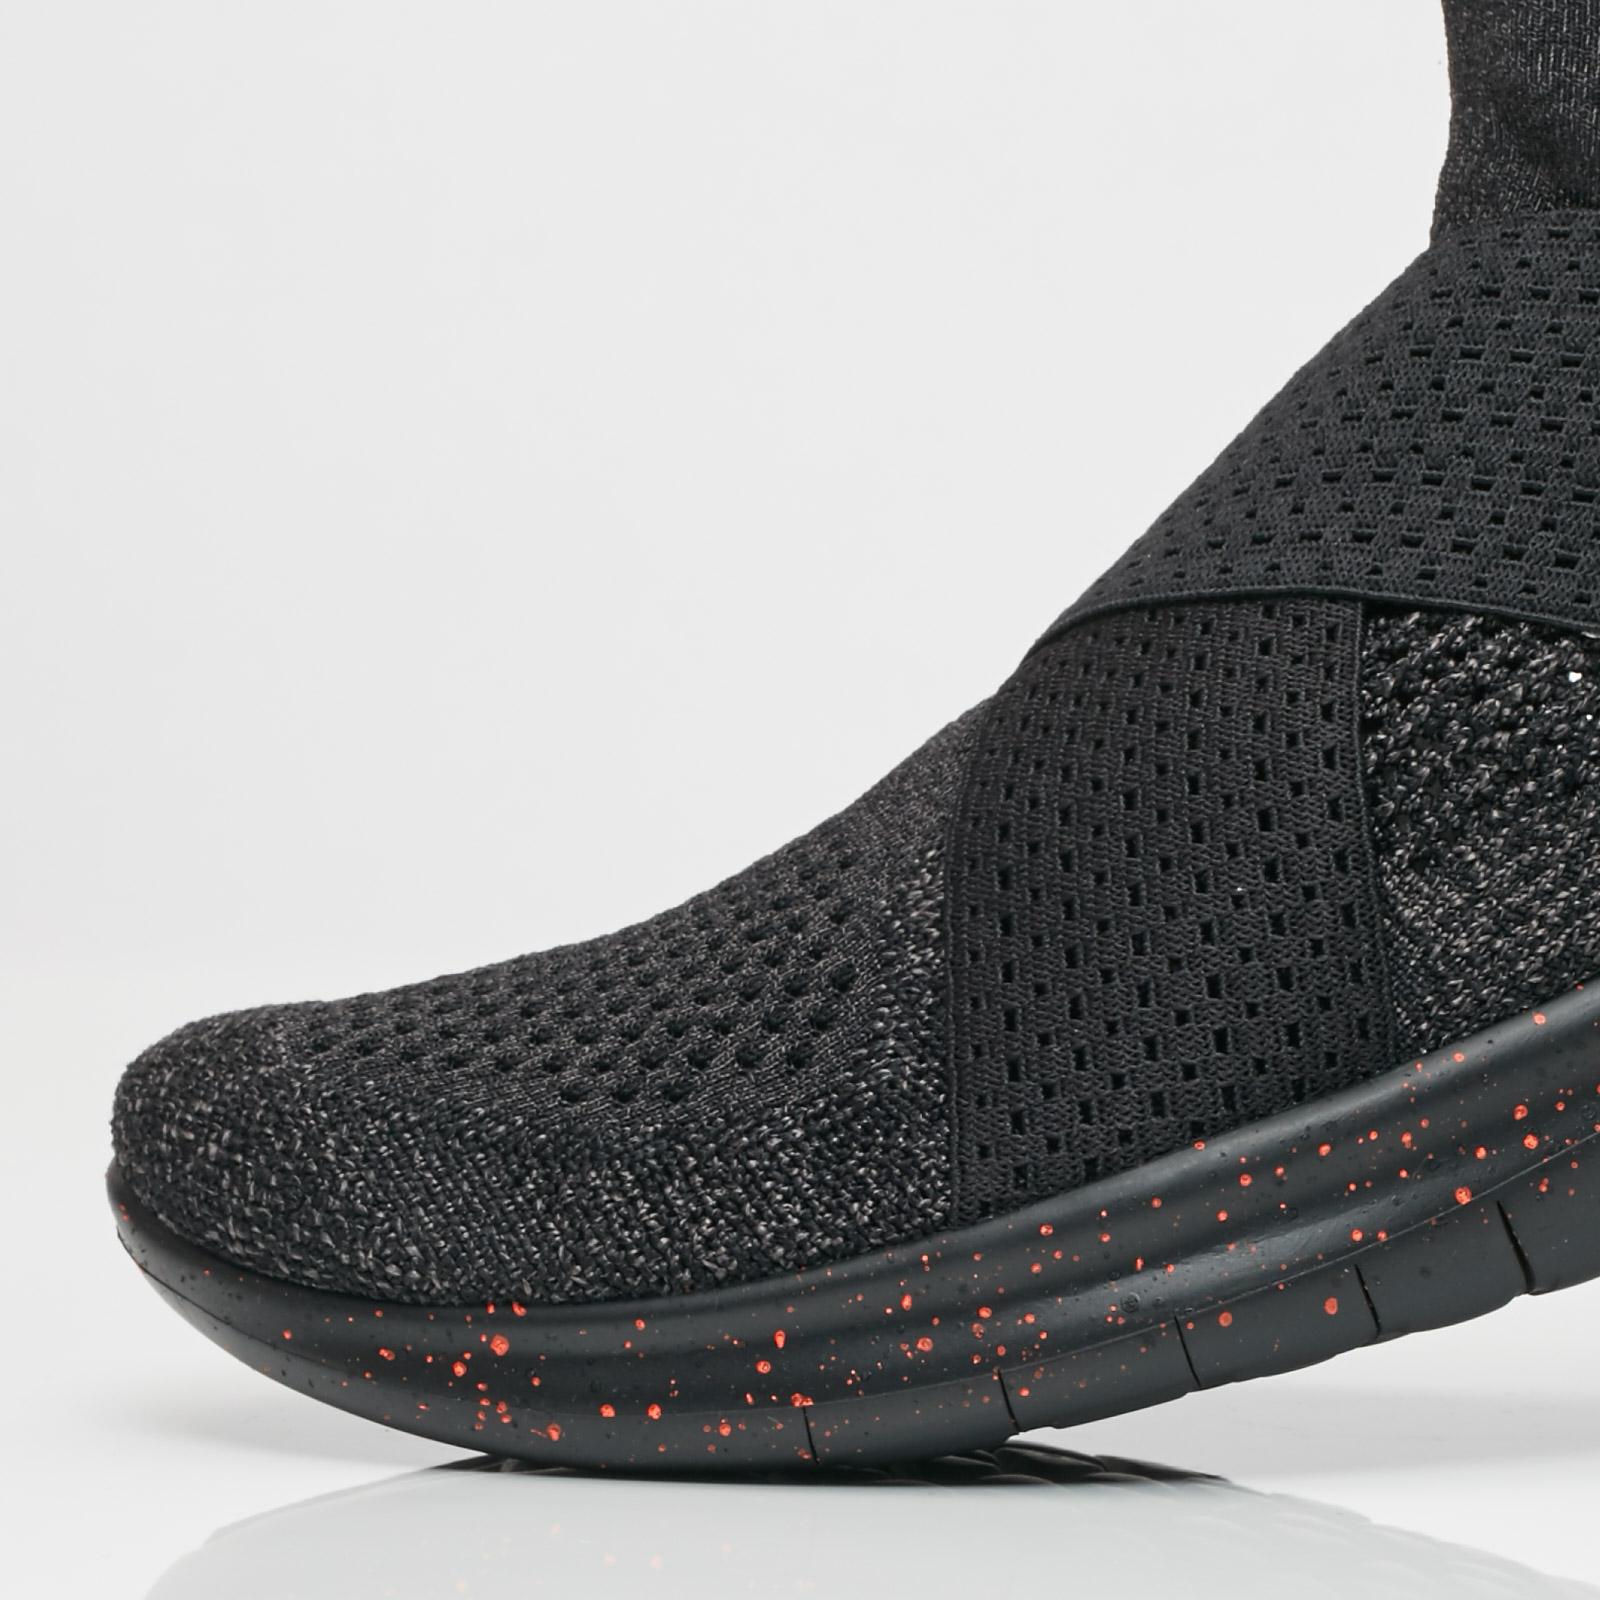 586f7fd65912 Nike Free RN Motion FK 2017 - 883291-010 - Sneakersnstuff